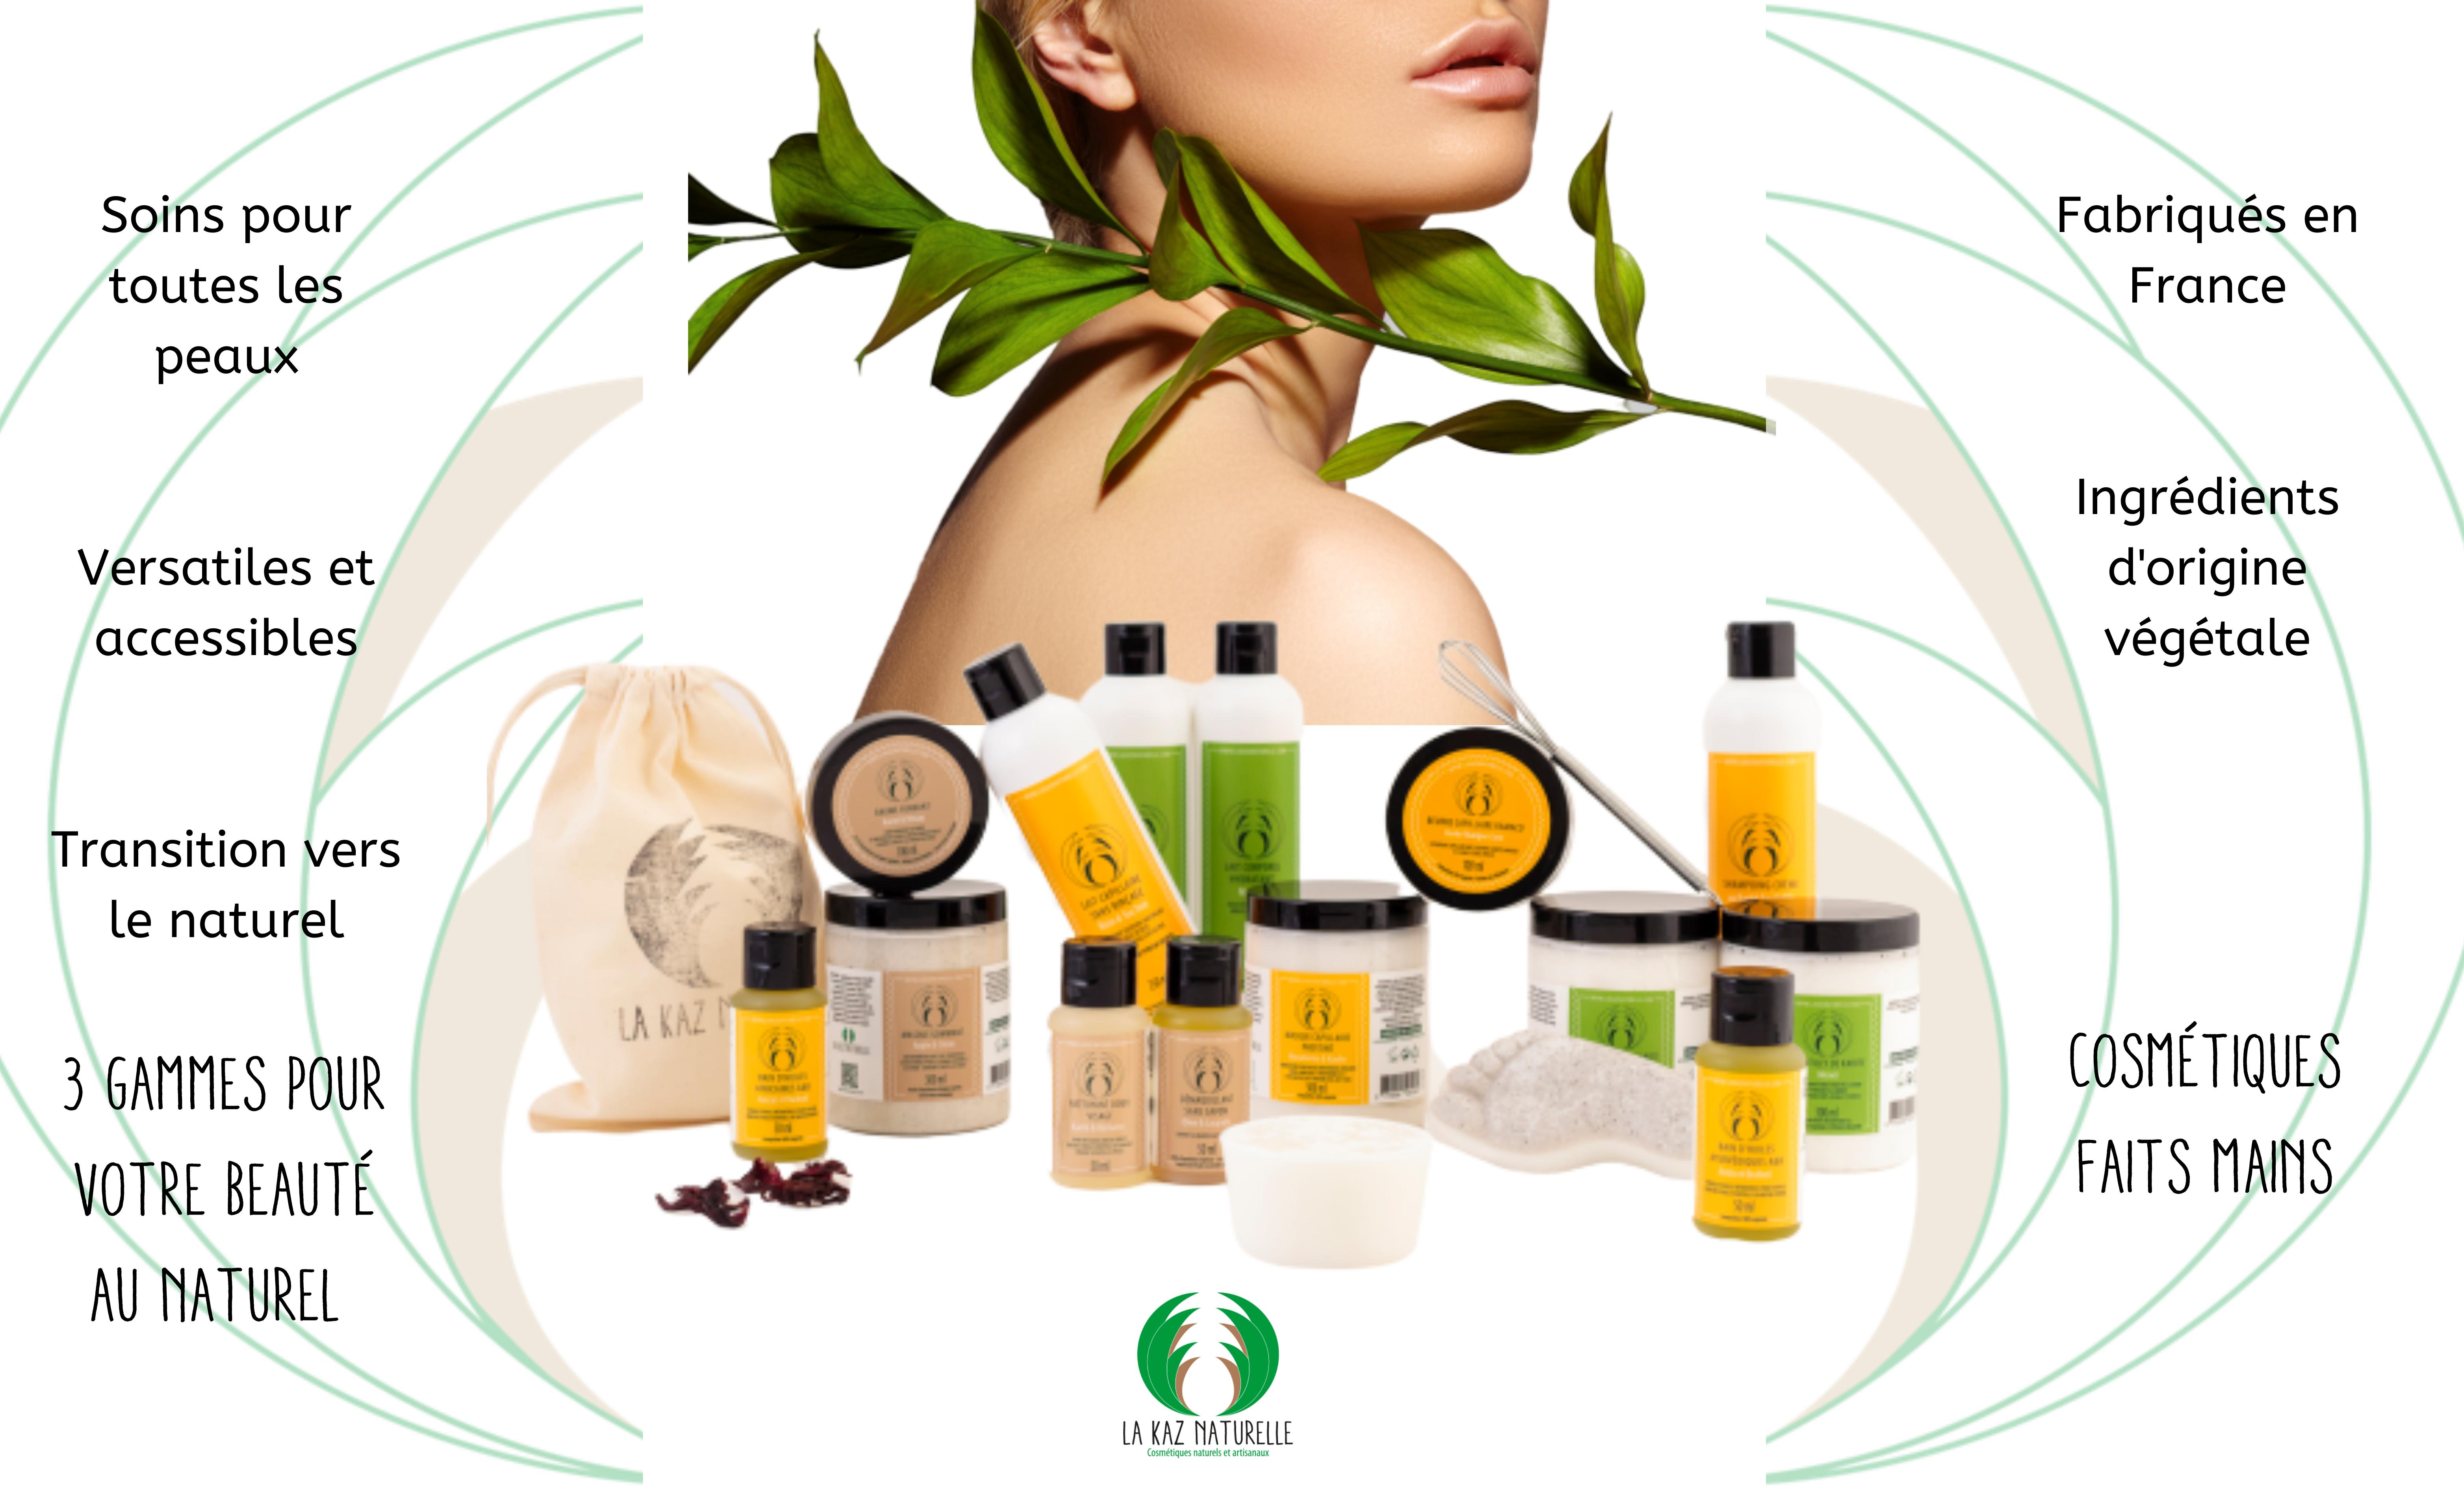 La Kaz Naturelle Découvrez la gamme de produits cosmétiques aux compositions naturelles de la marque La Kaz Naturelle. Des soins efficaces pour le visage, les cheveux et le corps.